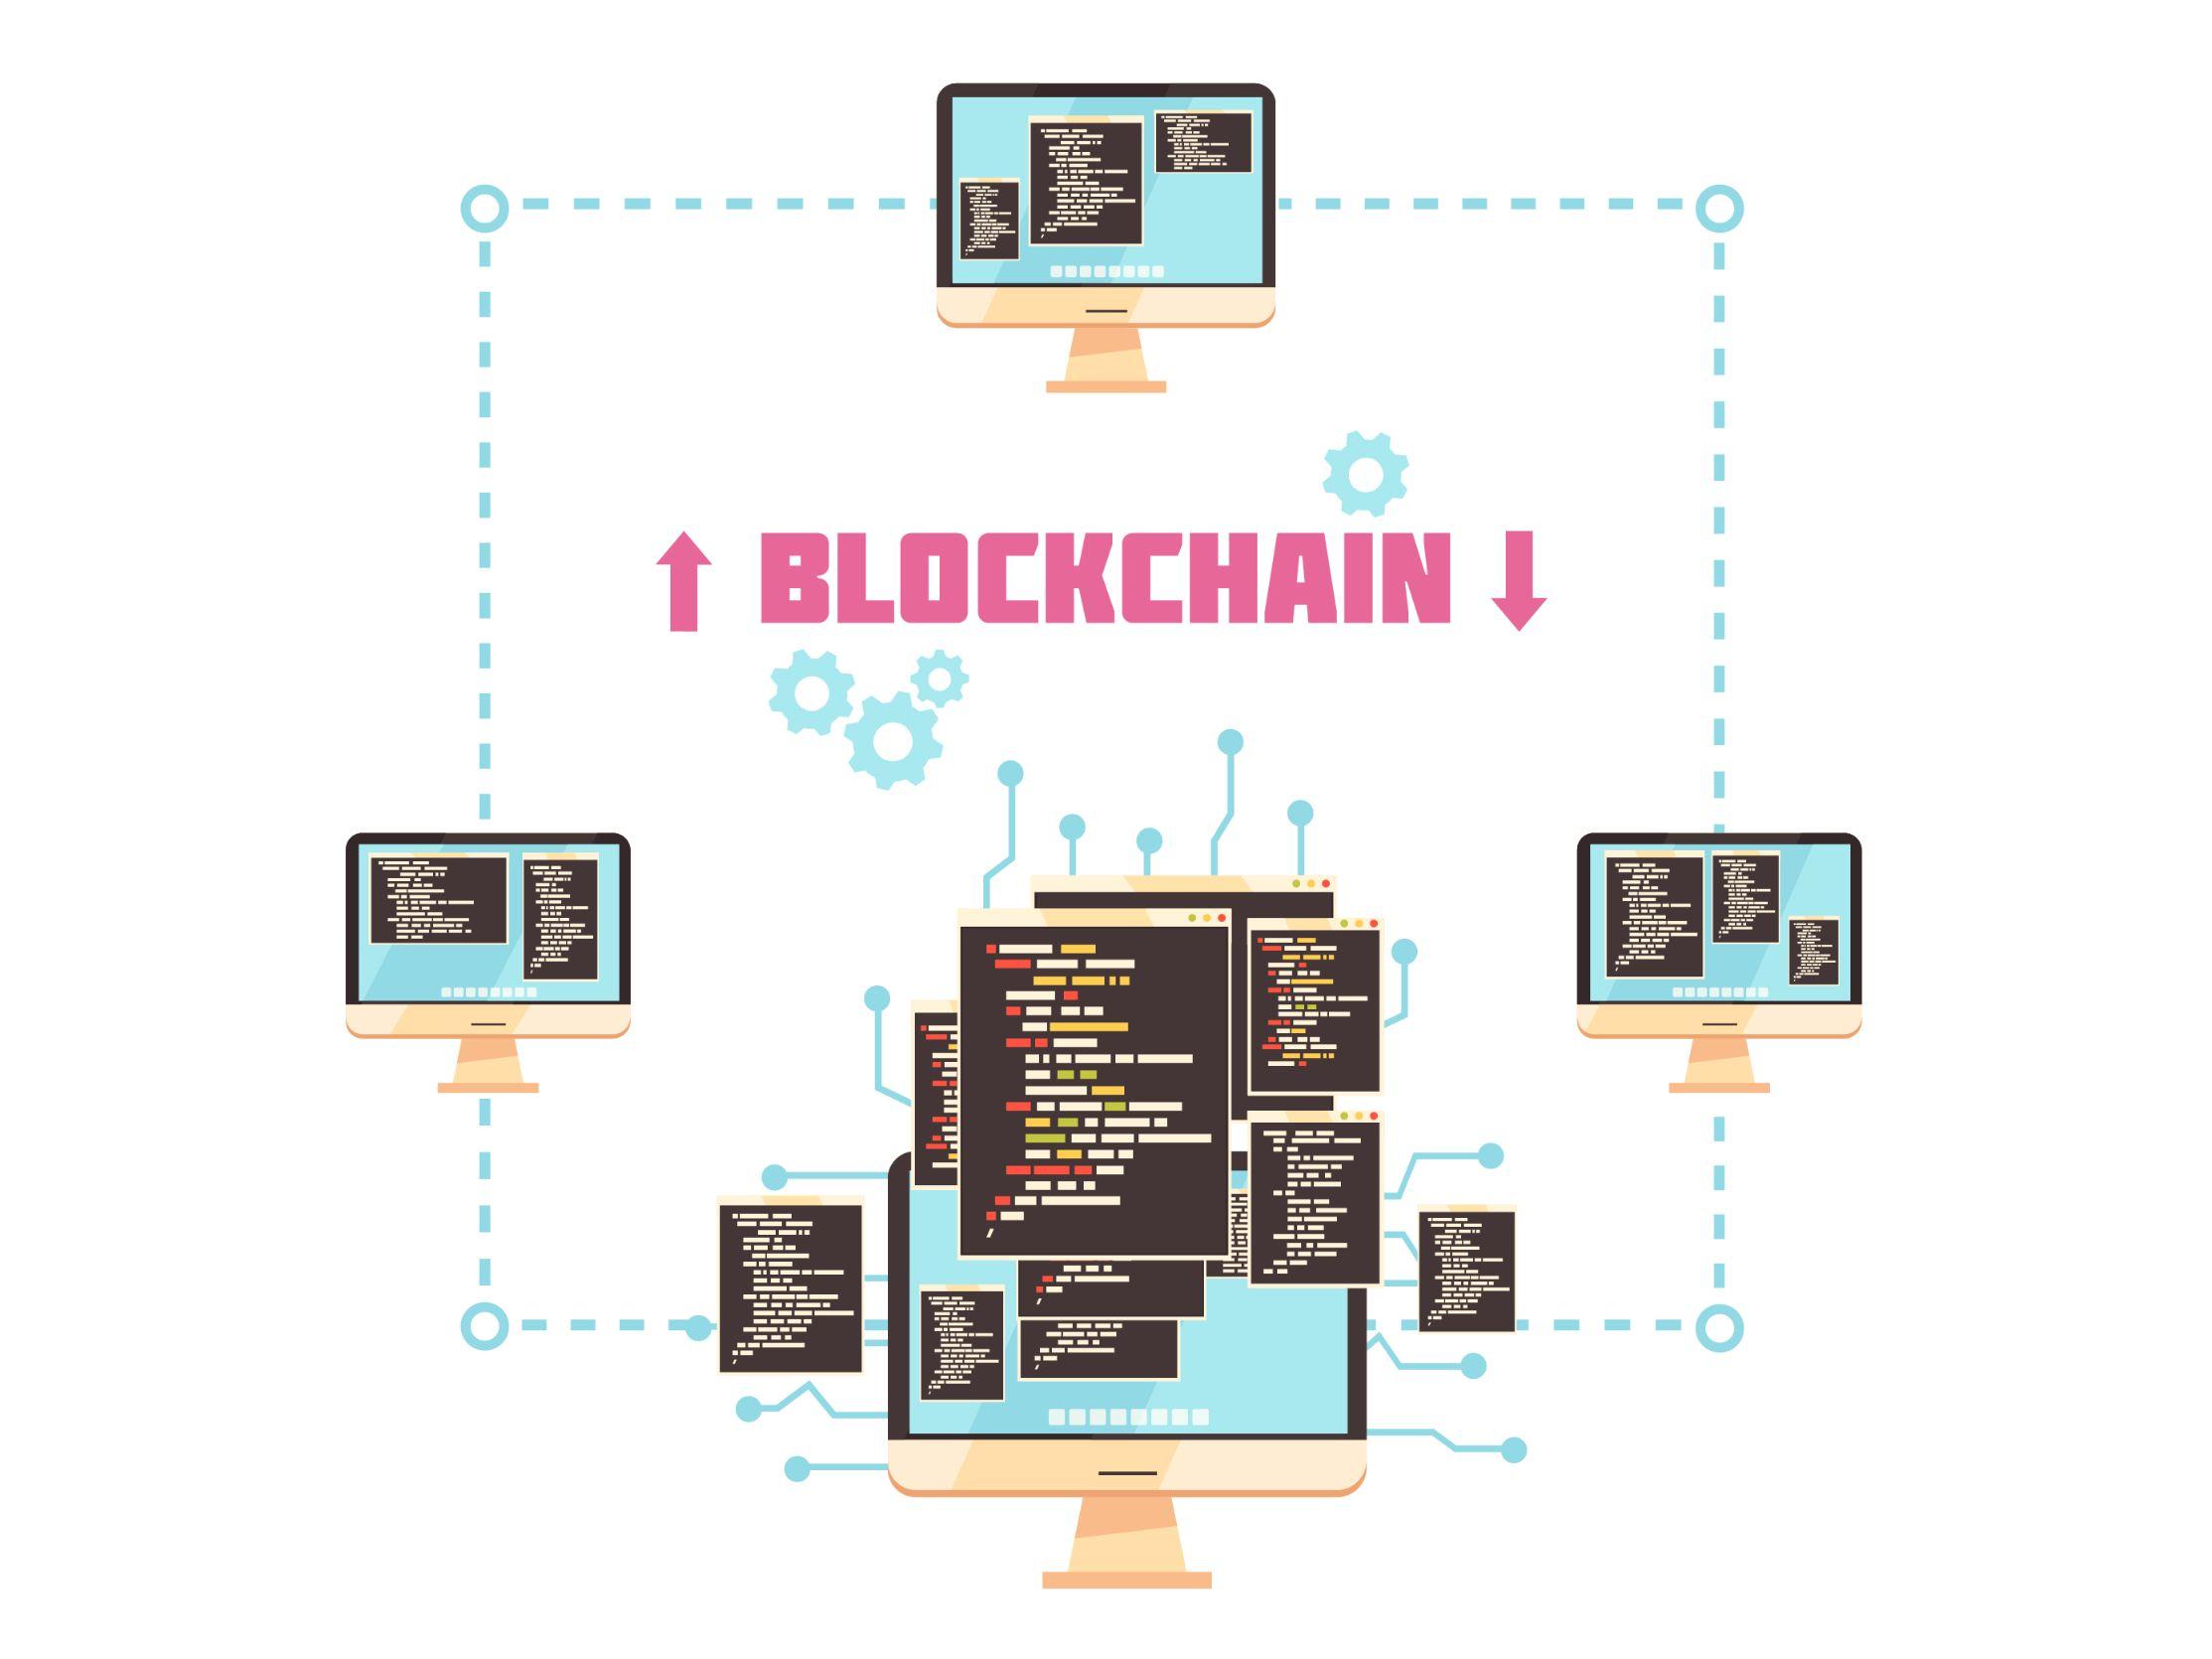 Blockchain als Innovation für Abläufe in der Wirtschaft